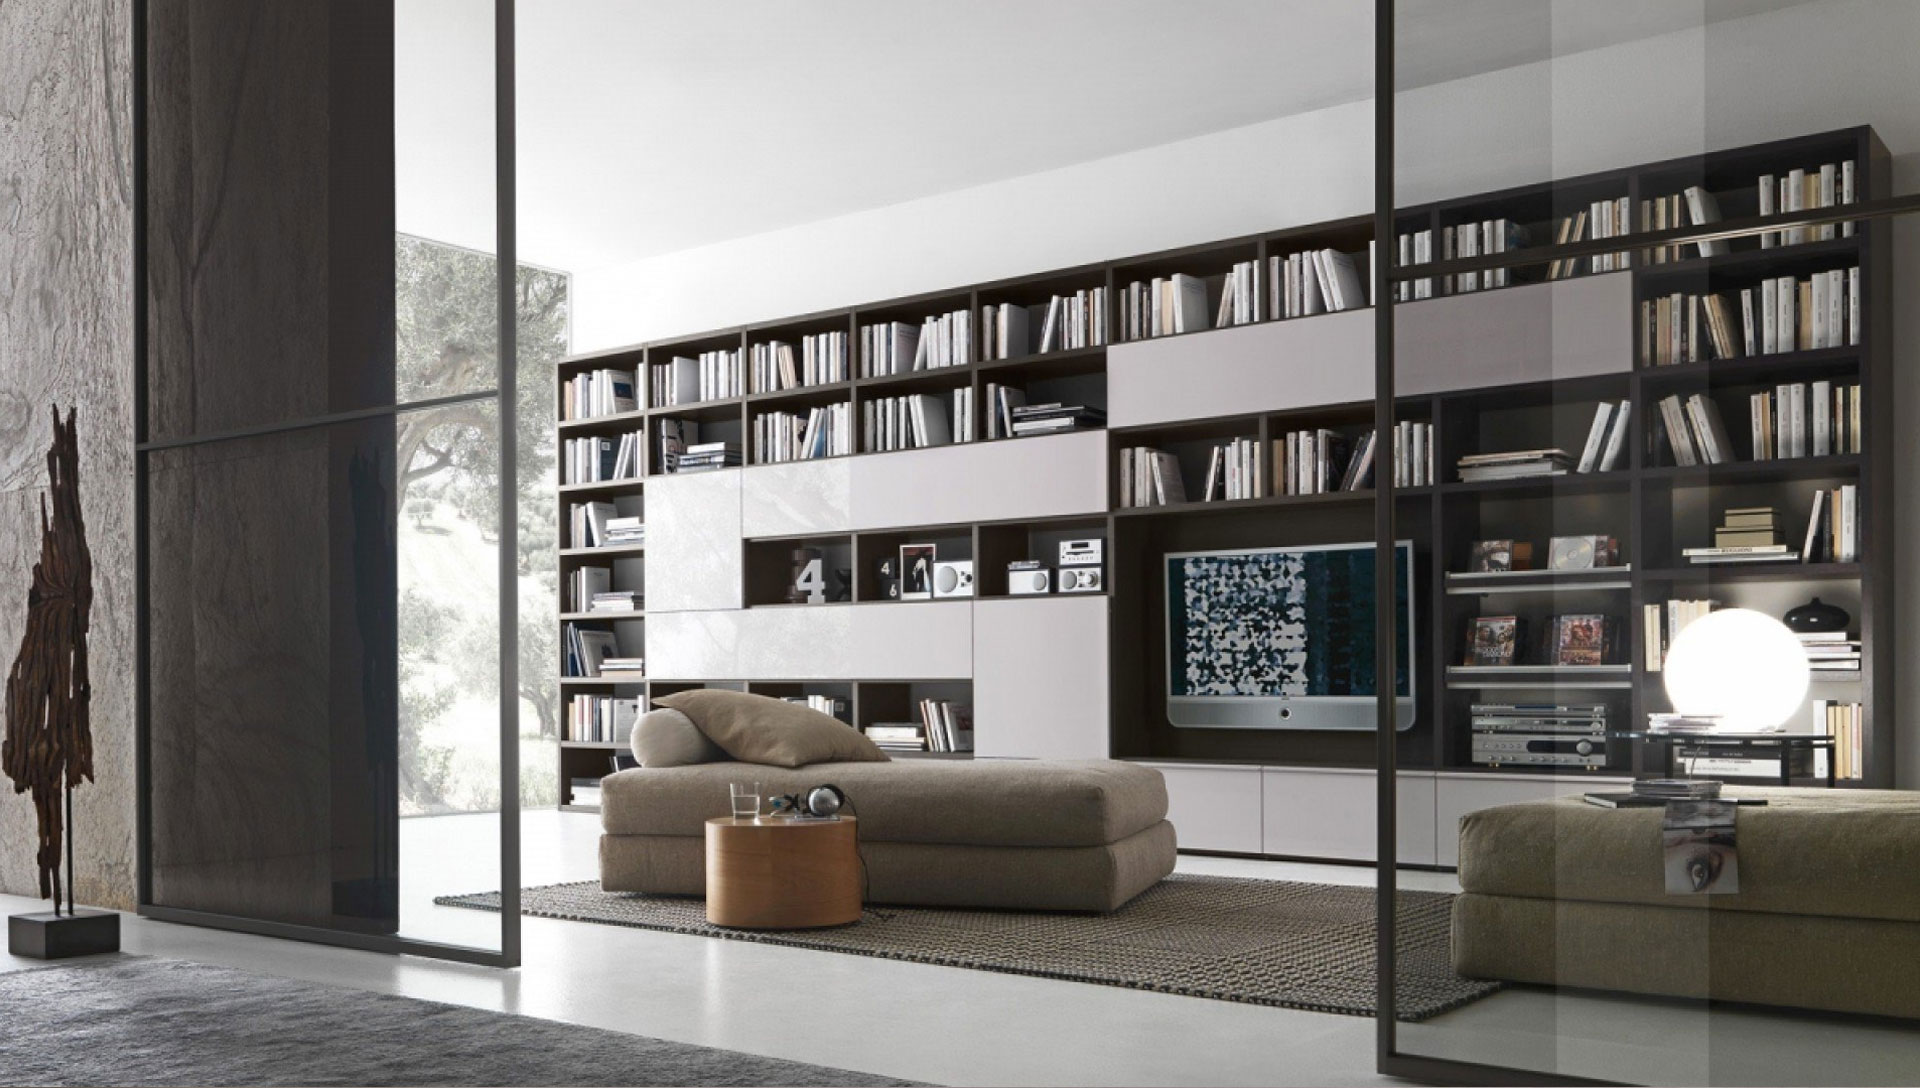 complementi-arredo-presotto-3-comodus-arredamenti-nicoletti-interni-interior-design-divani-complementi-arredo-mobili-design-accessori-matera